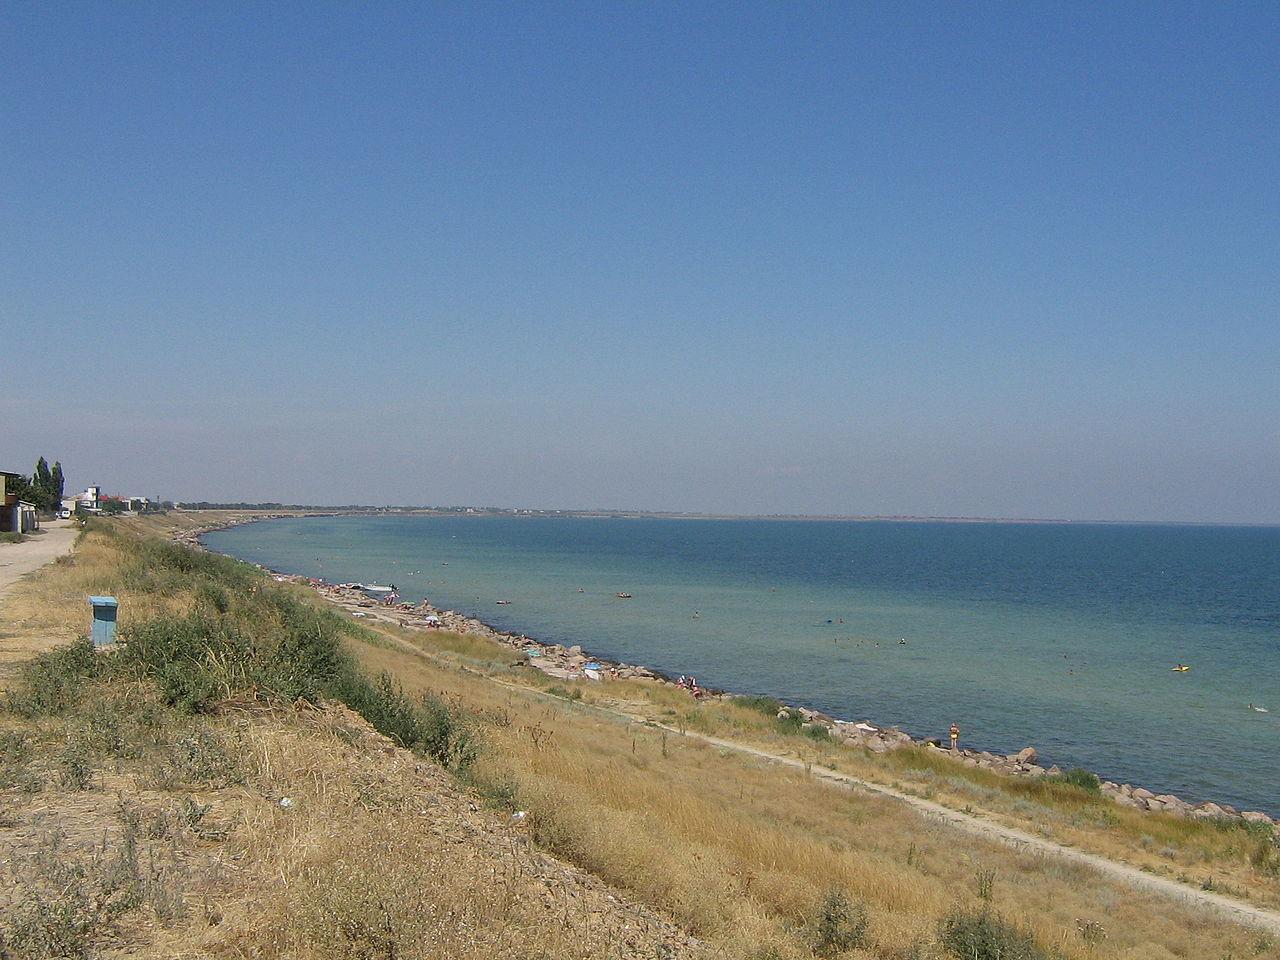 Море та пляж у Генічеську